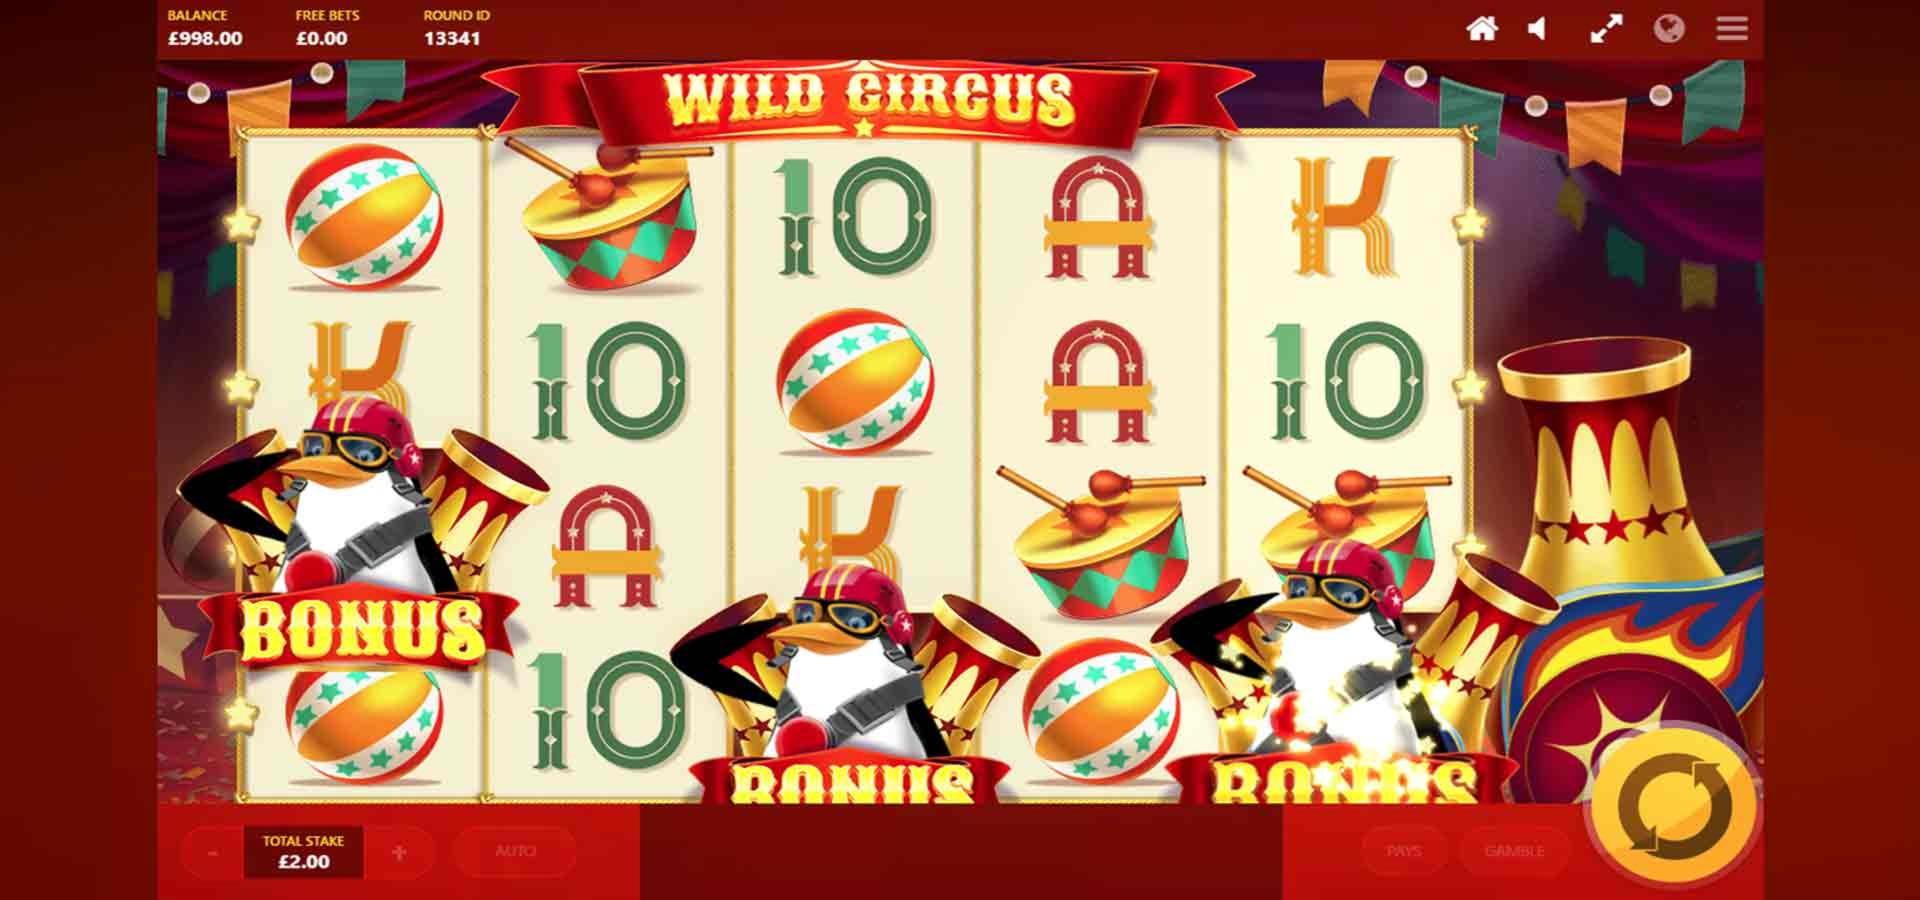 110 Free spins no deposit casino at Challenge Casino